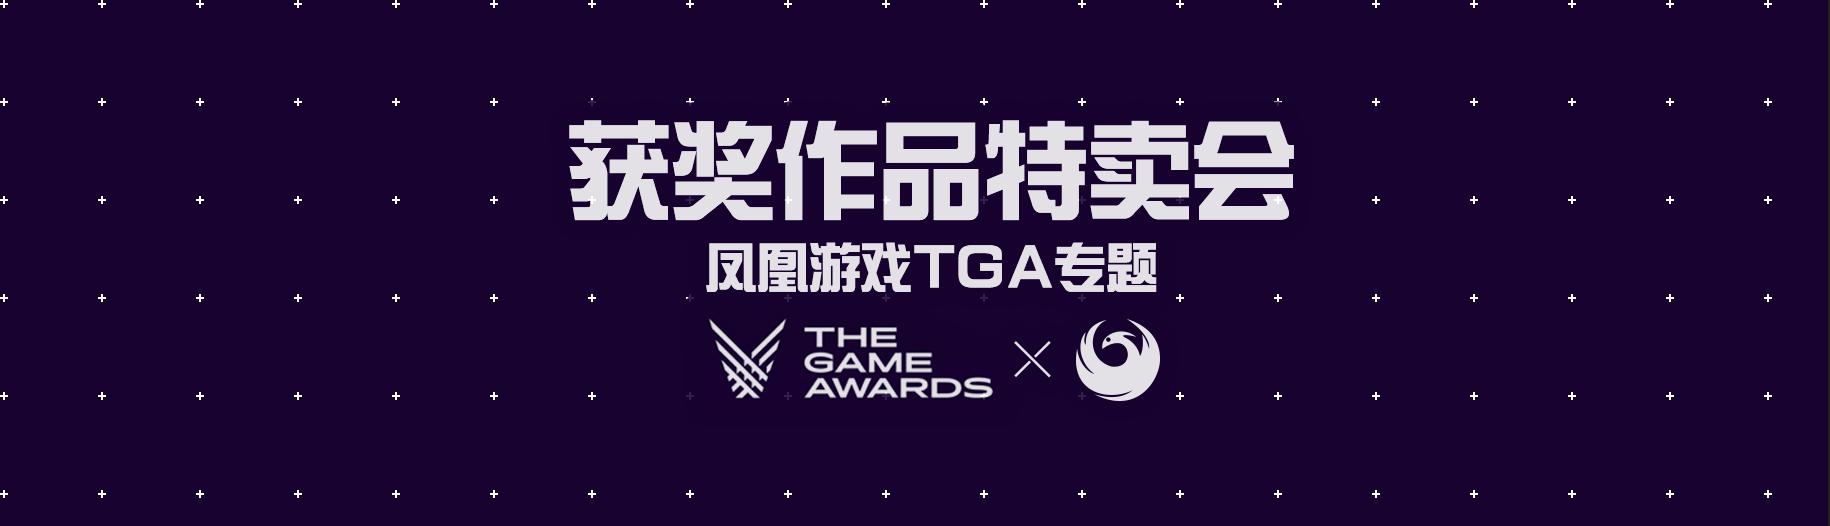 TGA获奖作品特卖